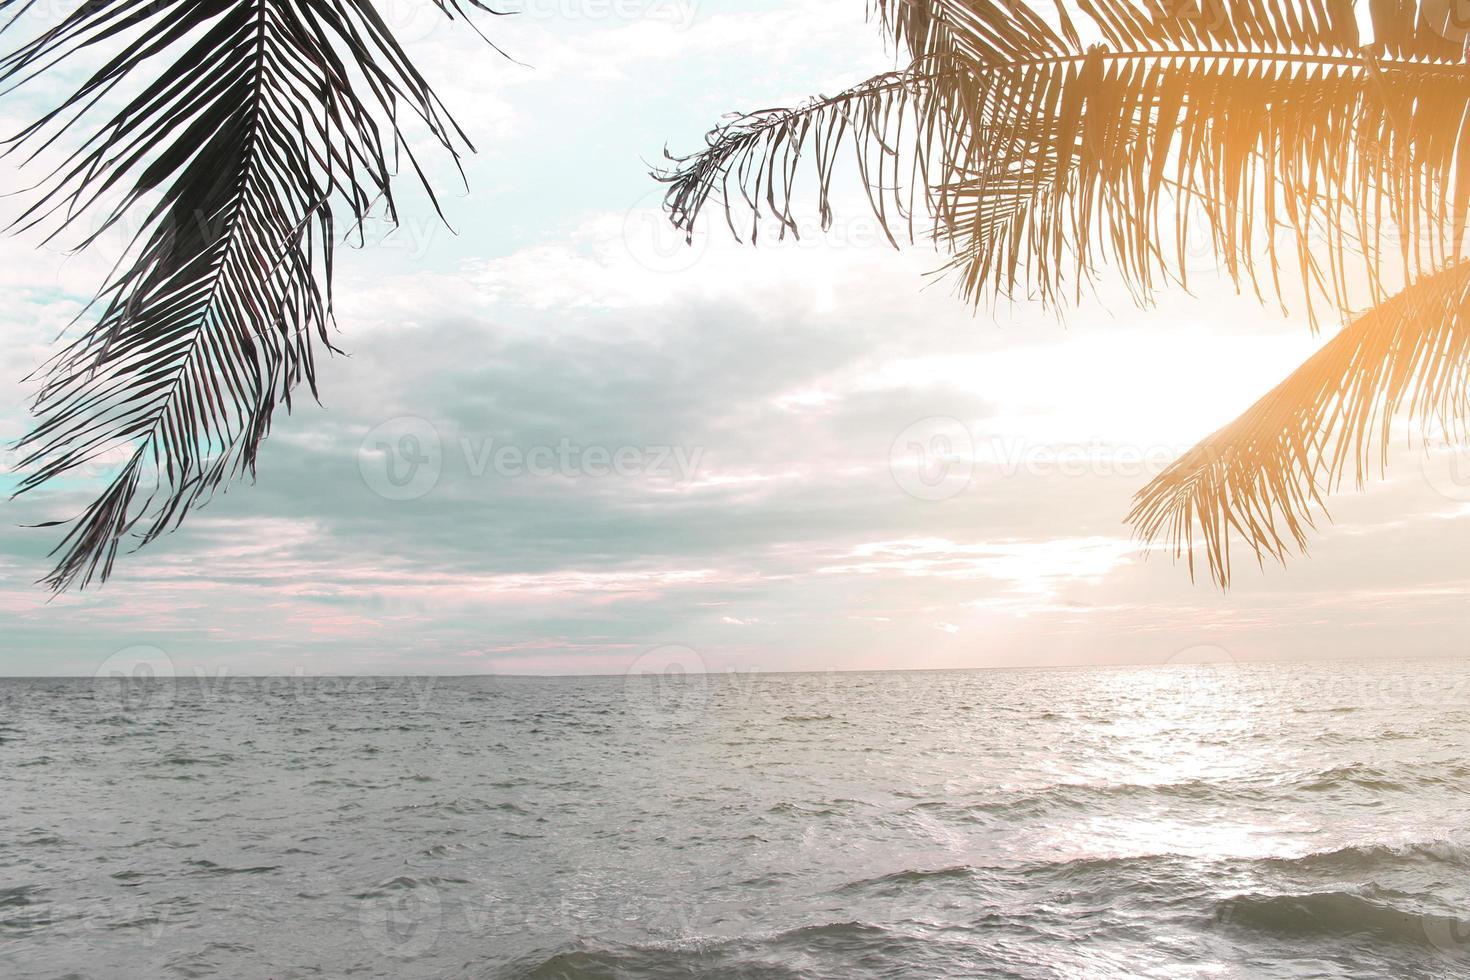 Sonnenaufgang auf dem Meer mit Kokosnussblättern foto